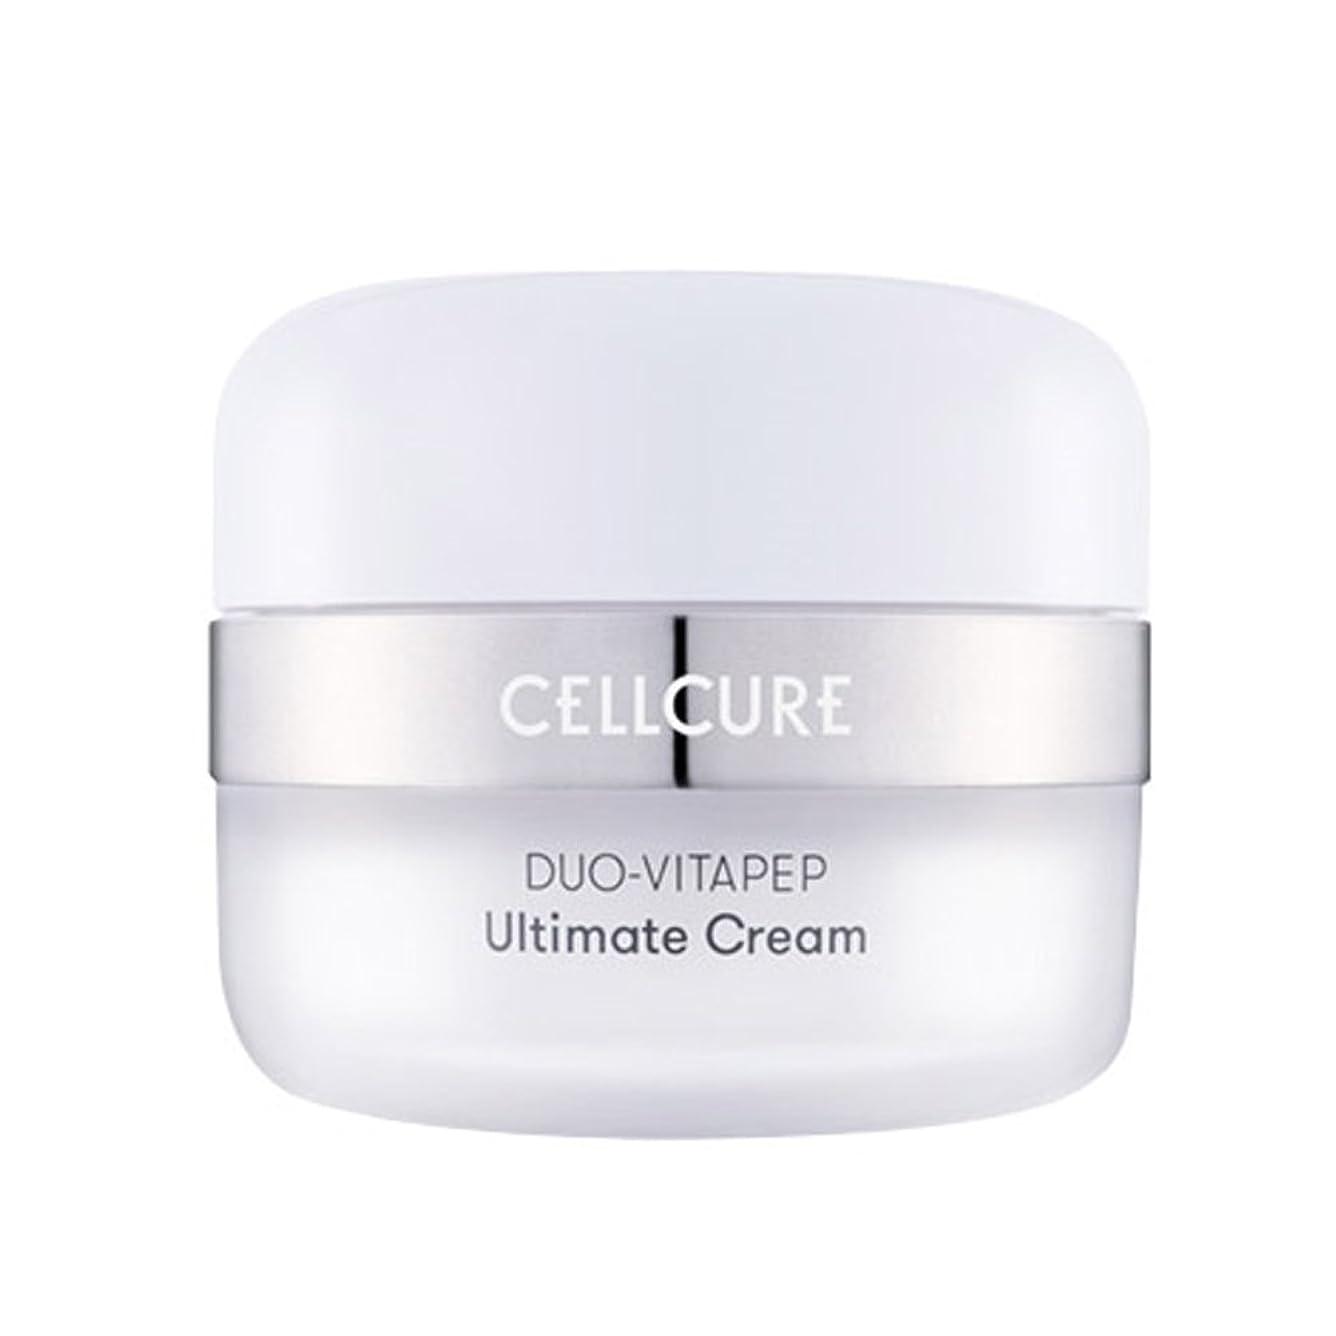 視力安価な後Cellcure Duo-Vitapep Ultimate Cream セルキュアデュオヴィータペップクリーム (50ml)